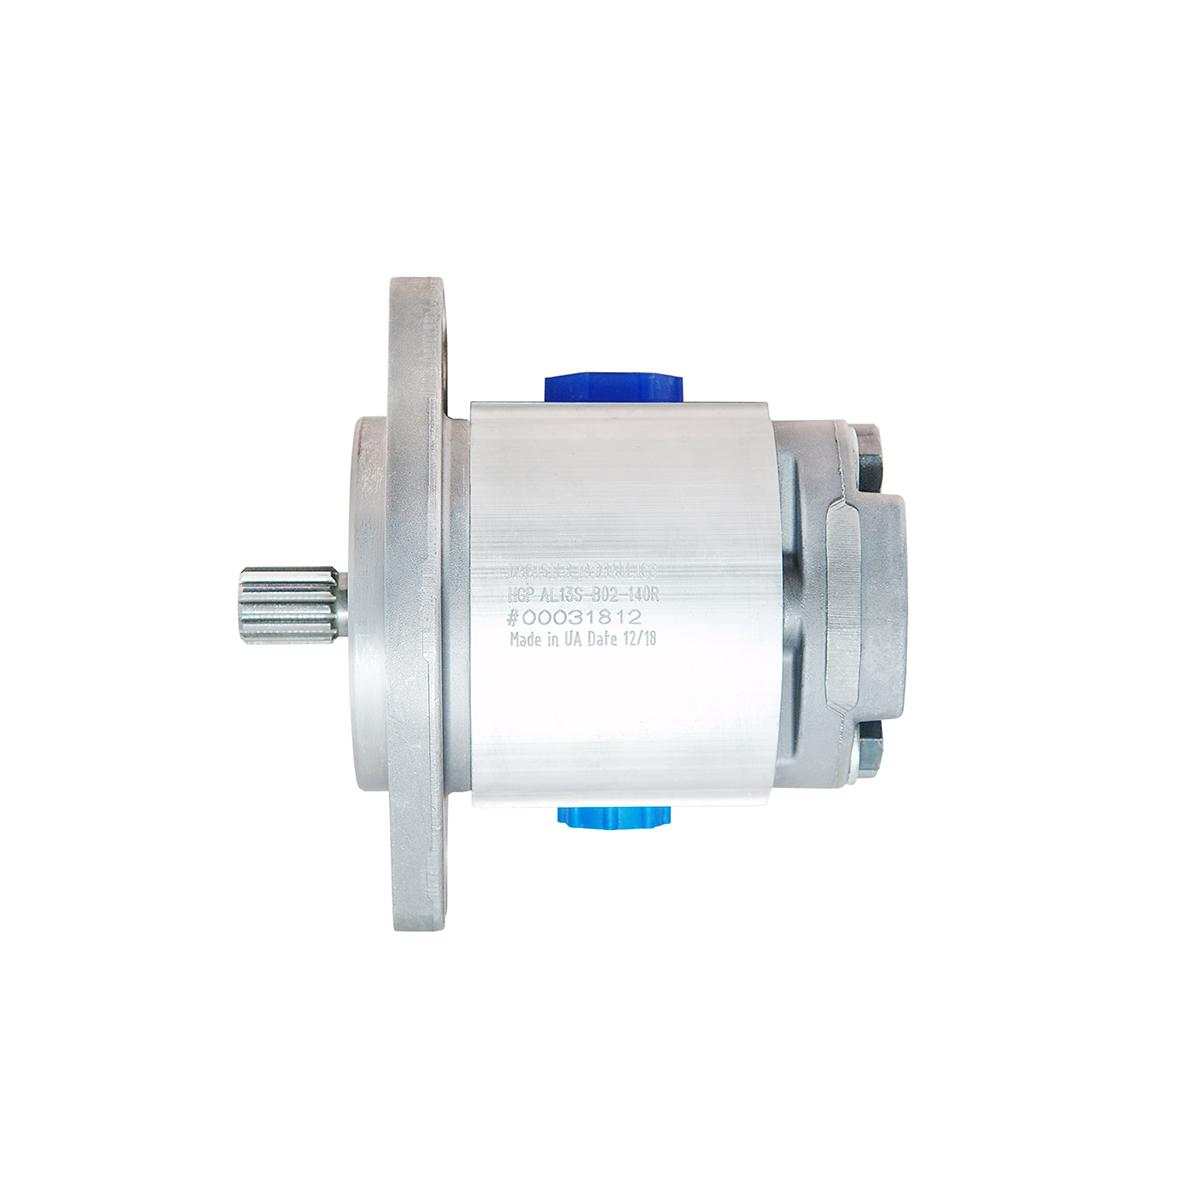 0.69 CID hydraulic gear pump, 9 tooth spline shaft clockwise gear pump | Magister Hydraulics